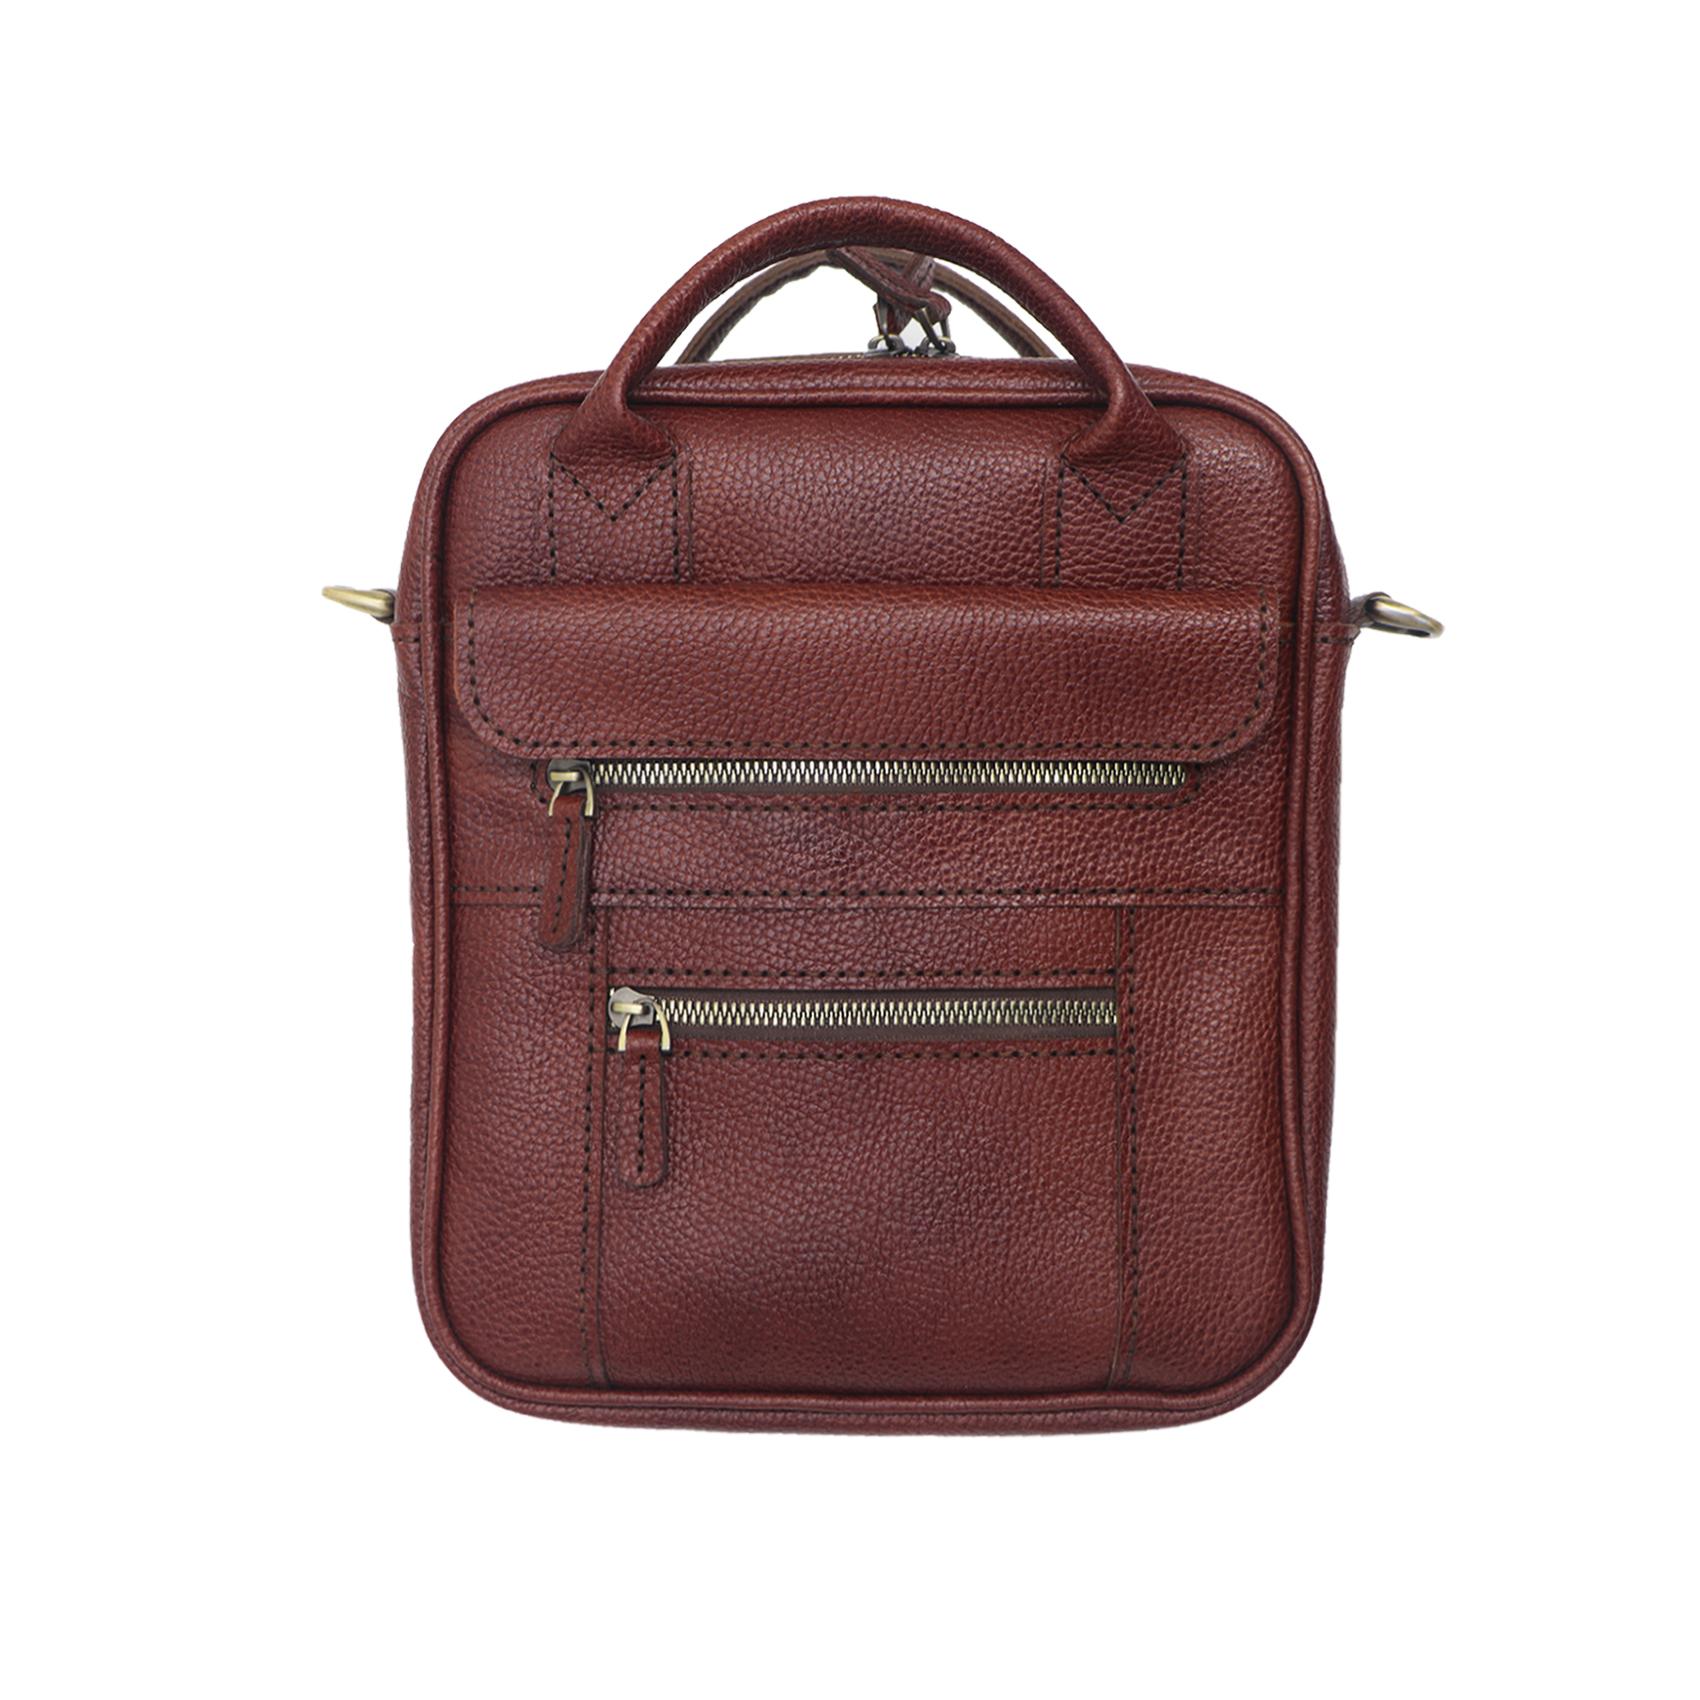 کیف چرمی مدل دانشجویی کد 601